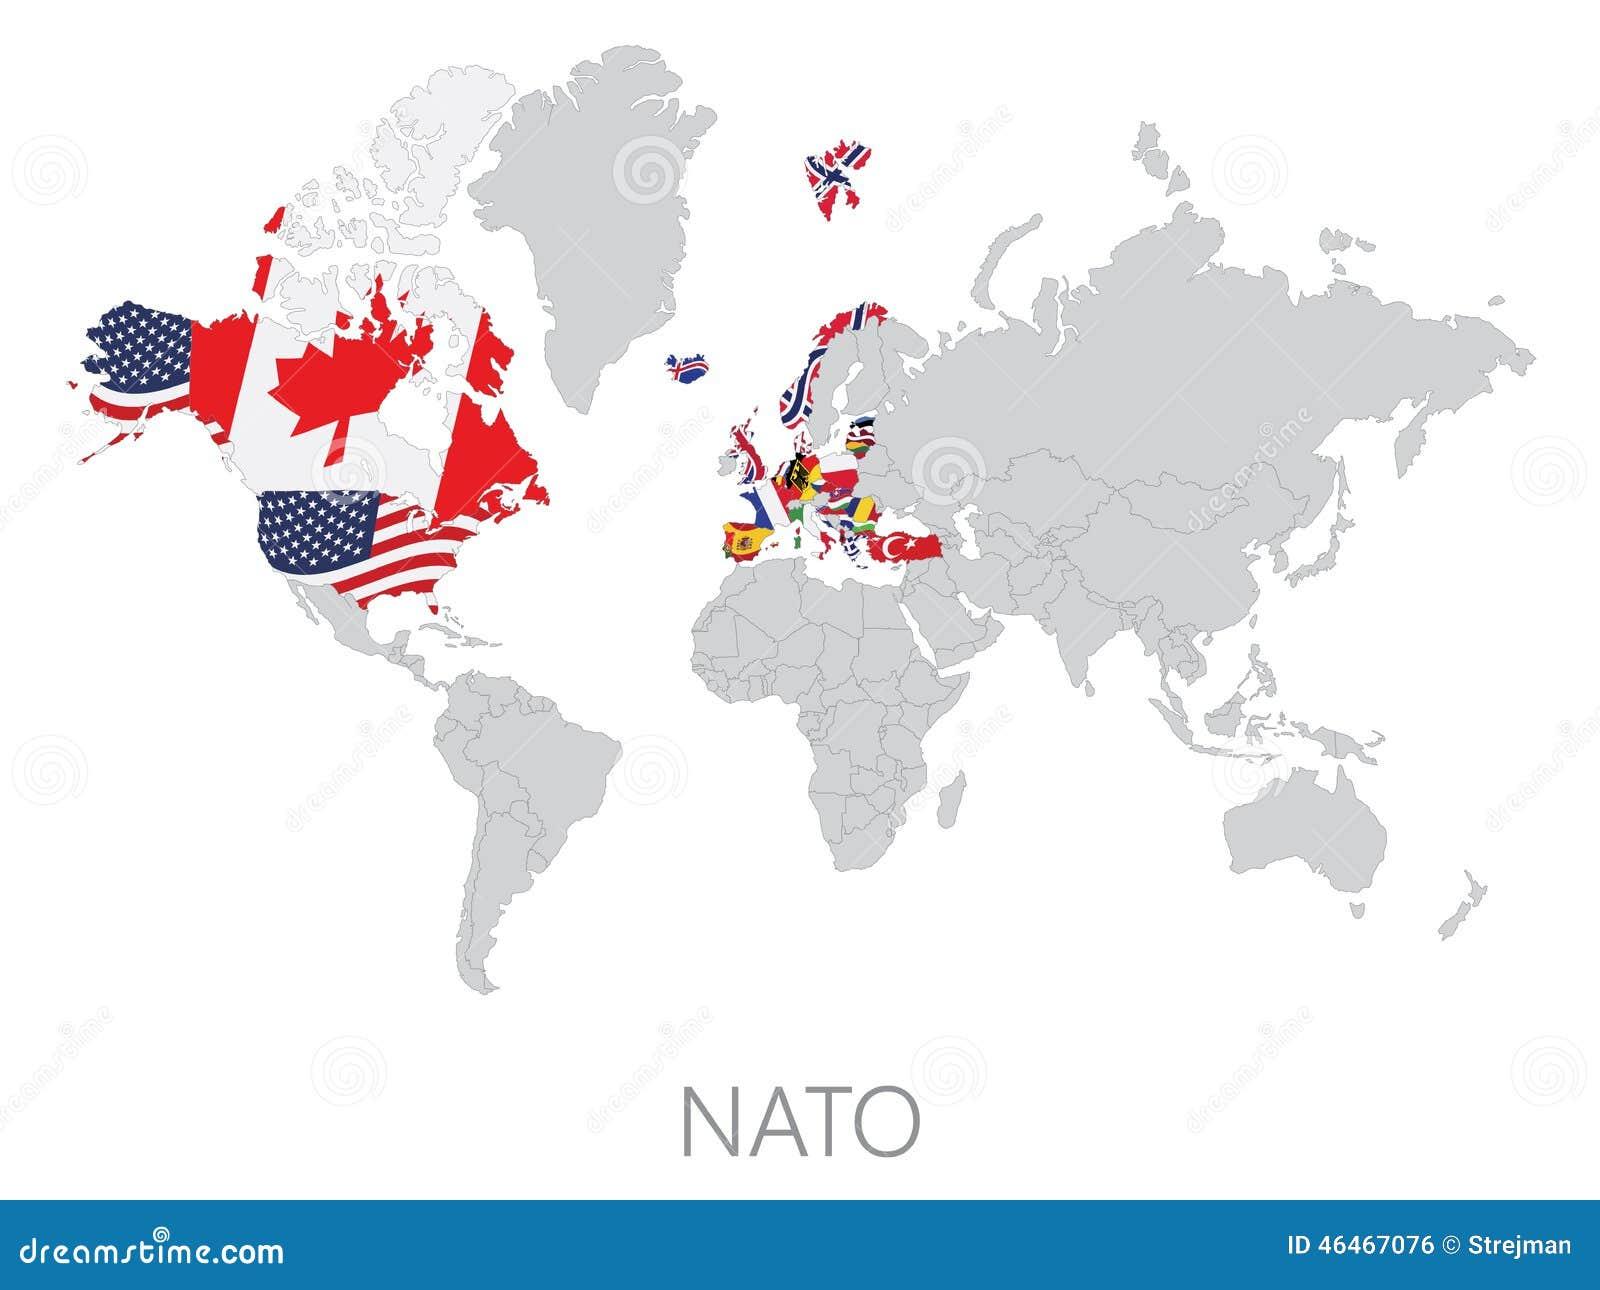 Nato na światowej mapie